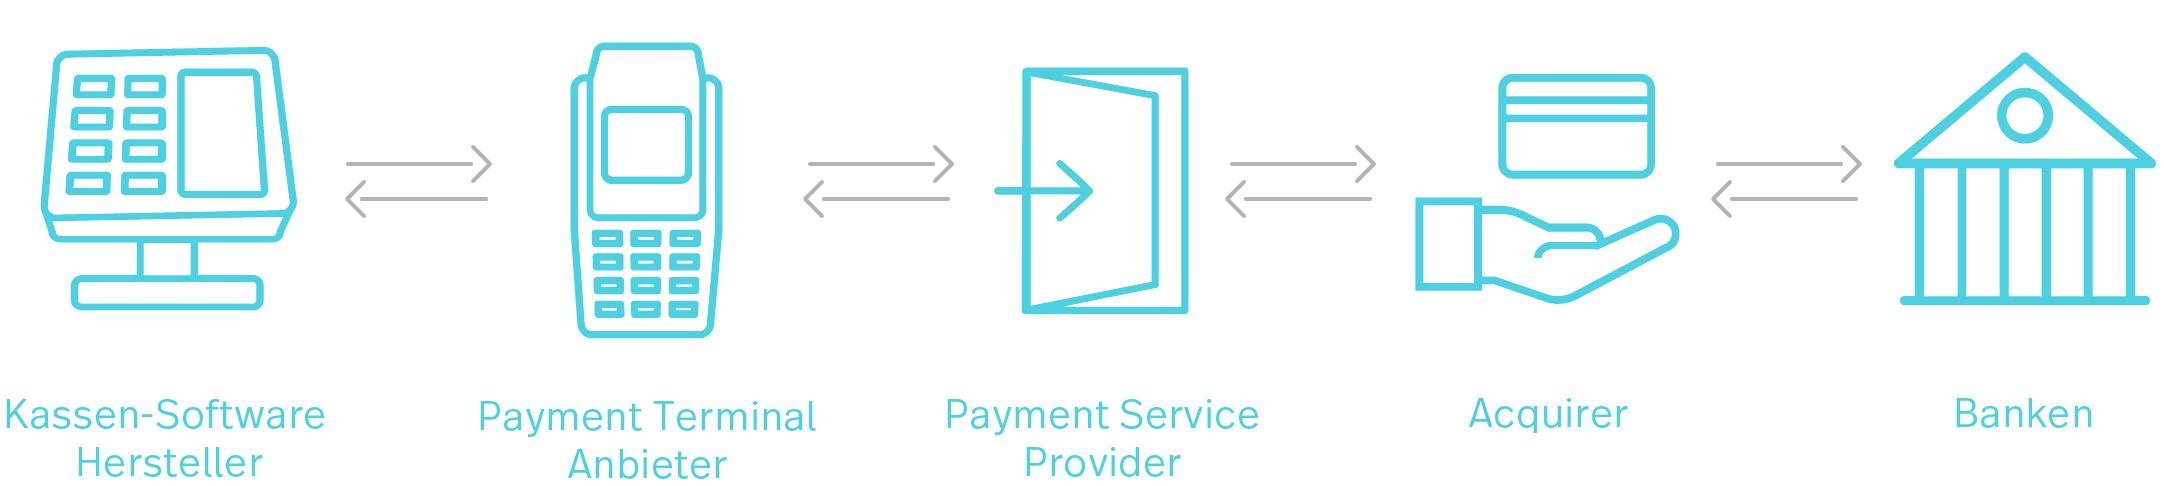 Eine Grafik, die die verschiedenen Marktteilnehmer im Kontext des bargeldlosen Zahlungsverkehrs zeigt: Von Kassensystem-Herstellern, über Payment Terminal Hersteller, Payment Service Provider und Acquirer bis zu den Banken.